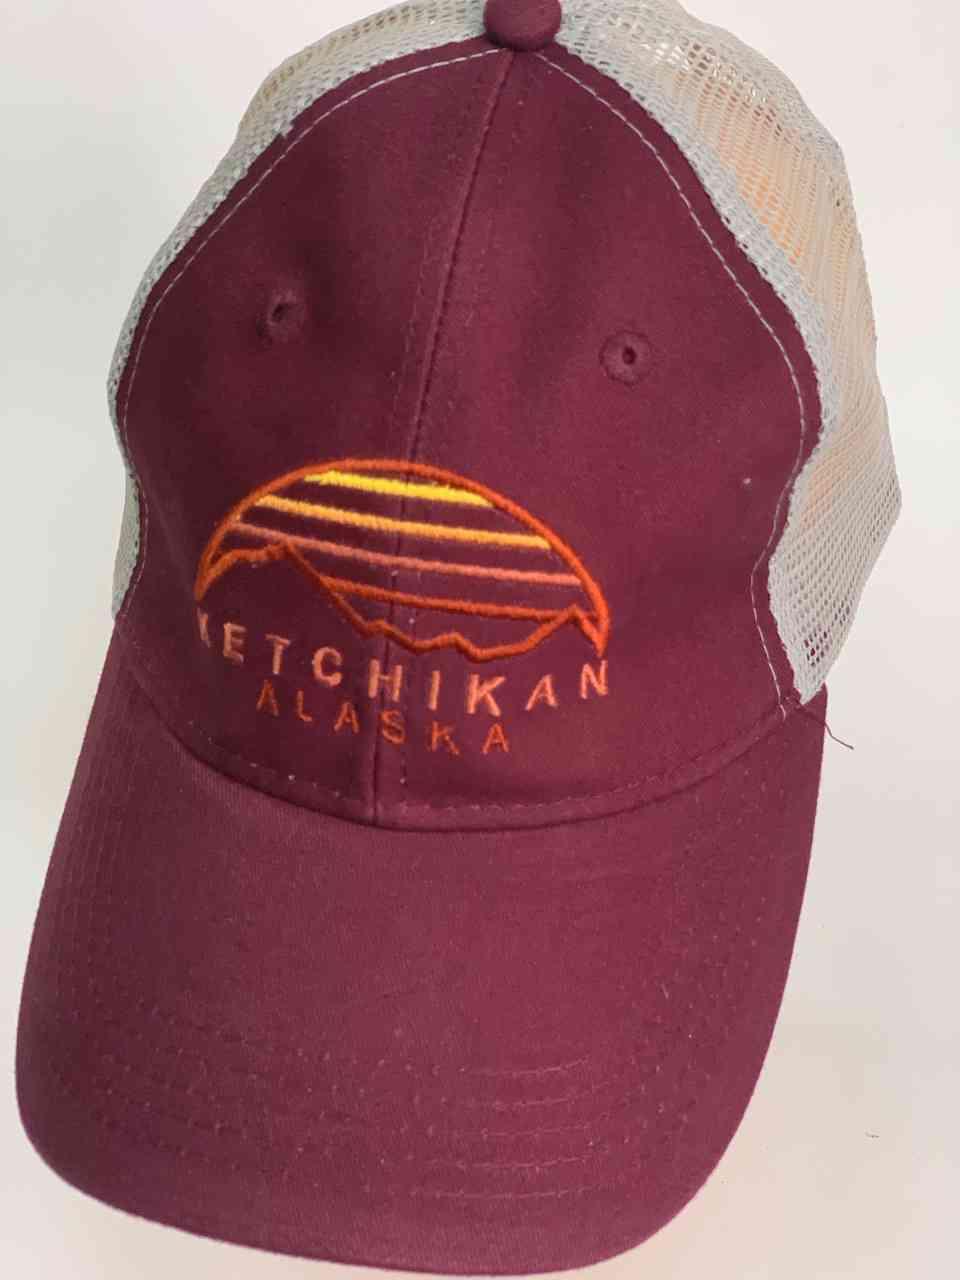 Бордовая бейсболка с сеткой KETCHIKAN Alaska